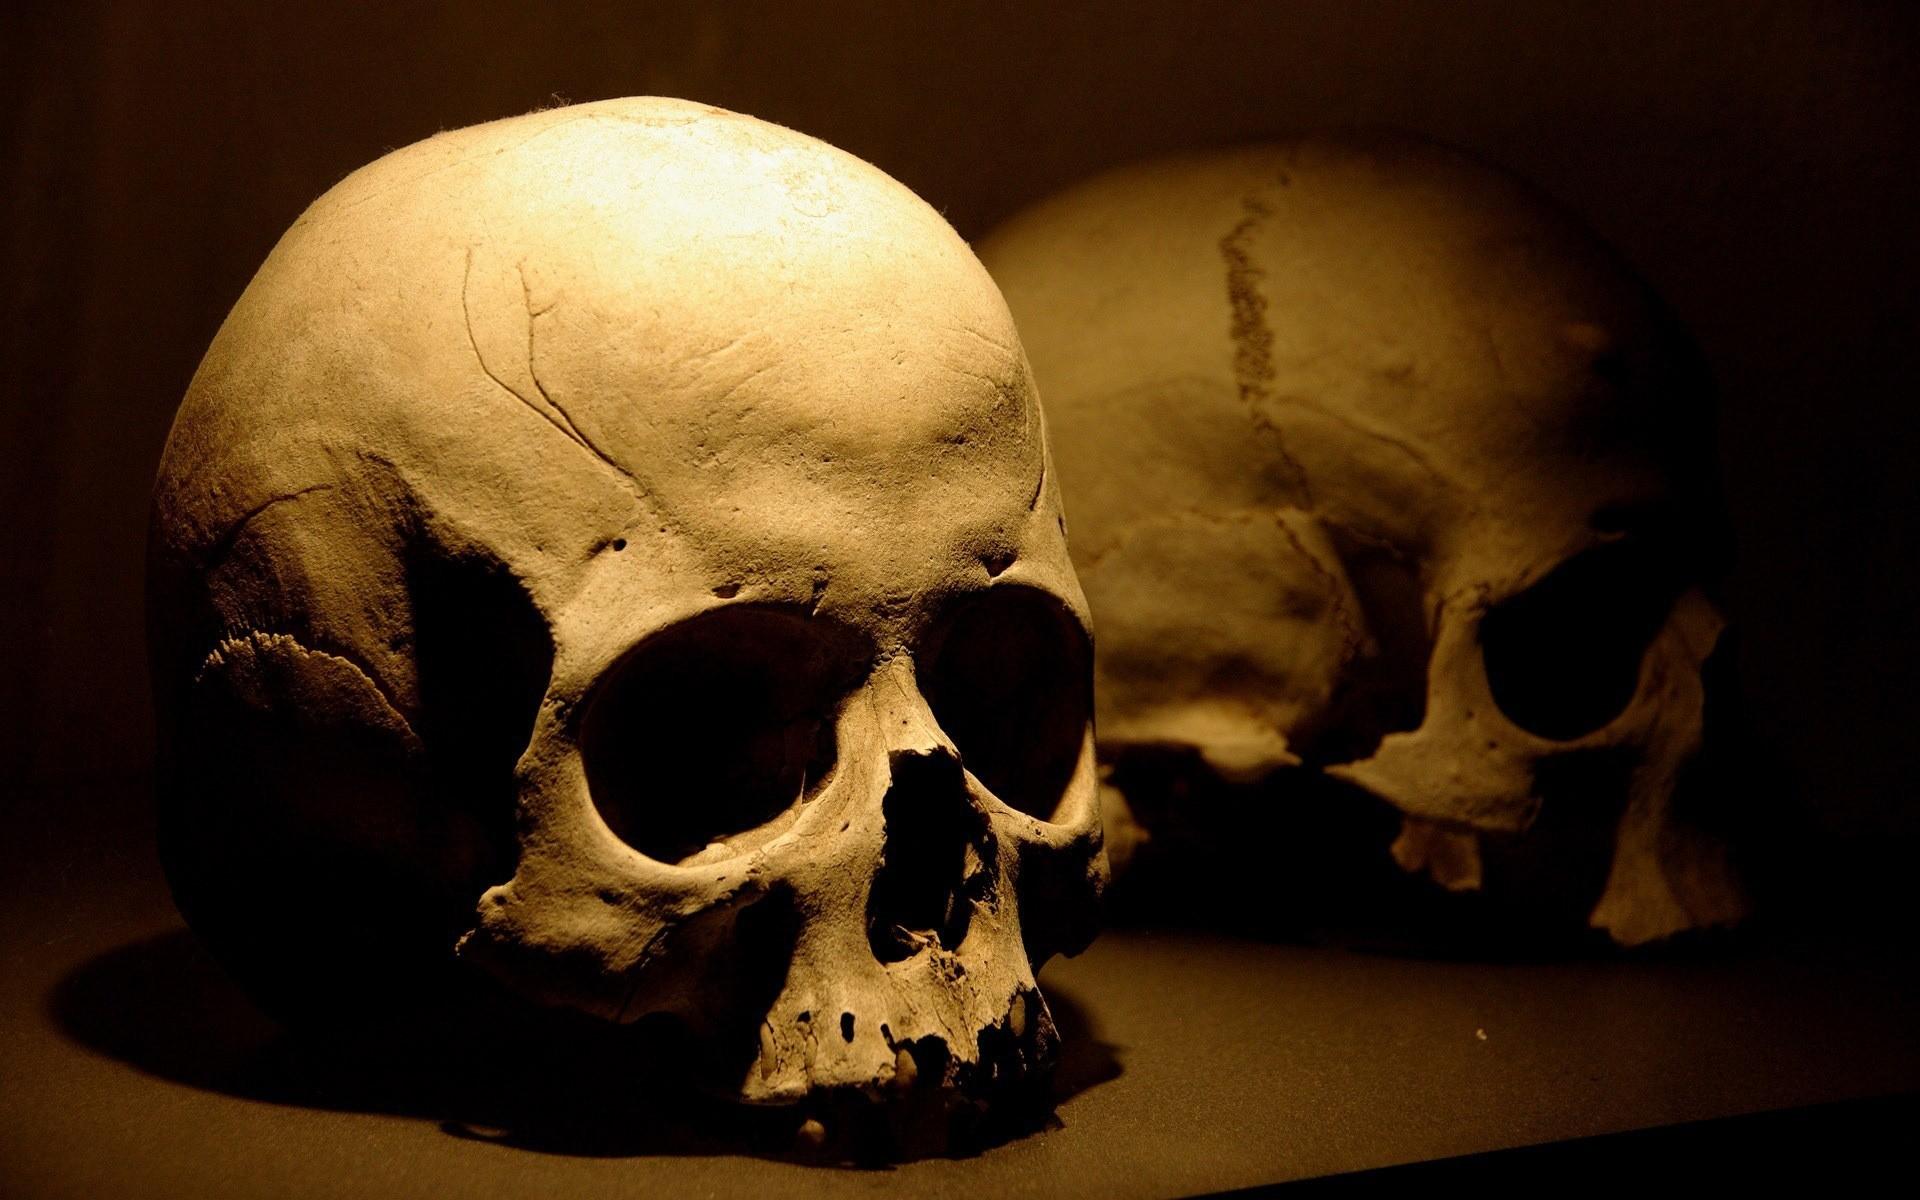 Un cráneo - 1920x1200